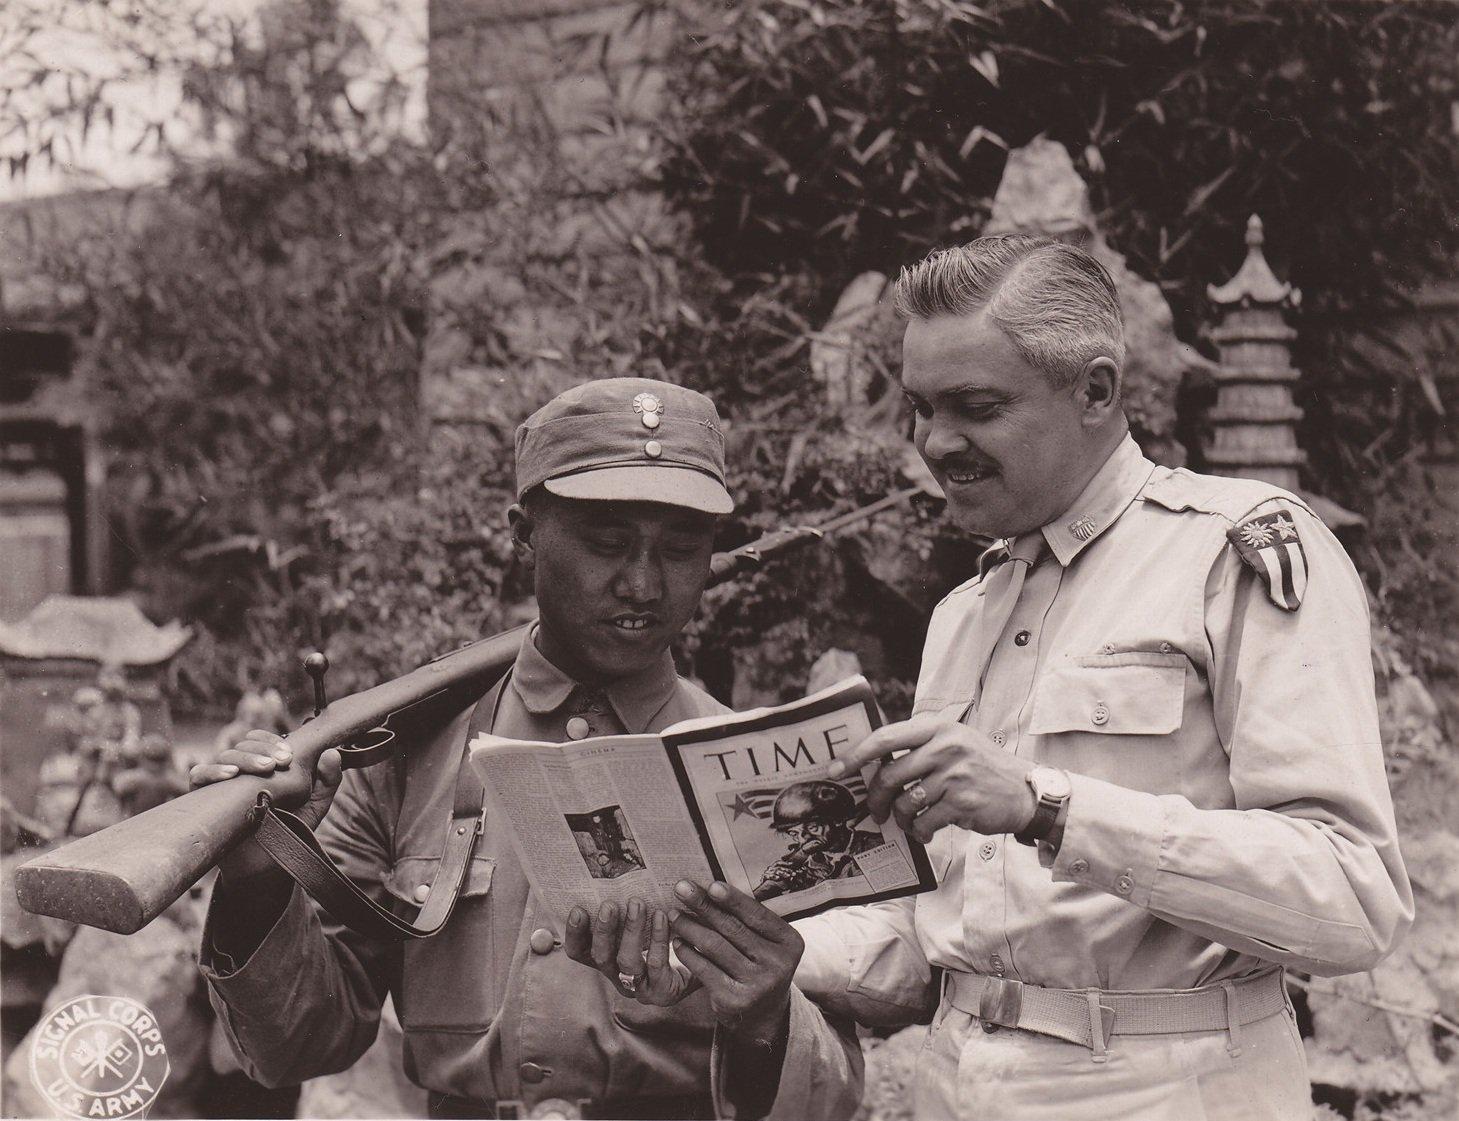 中国战区协调员、来自爱荷华州达文波特的韦恩・蒂森中校,正在向一位中国警卫展示一本《时代周刊》。汤马斯・梅尔文五级技术军士拍摄于中国昆明,1945年6月29日。